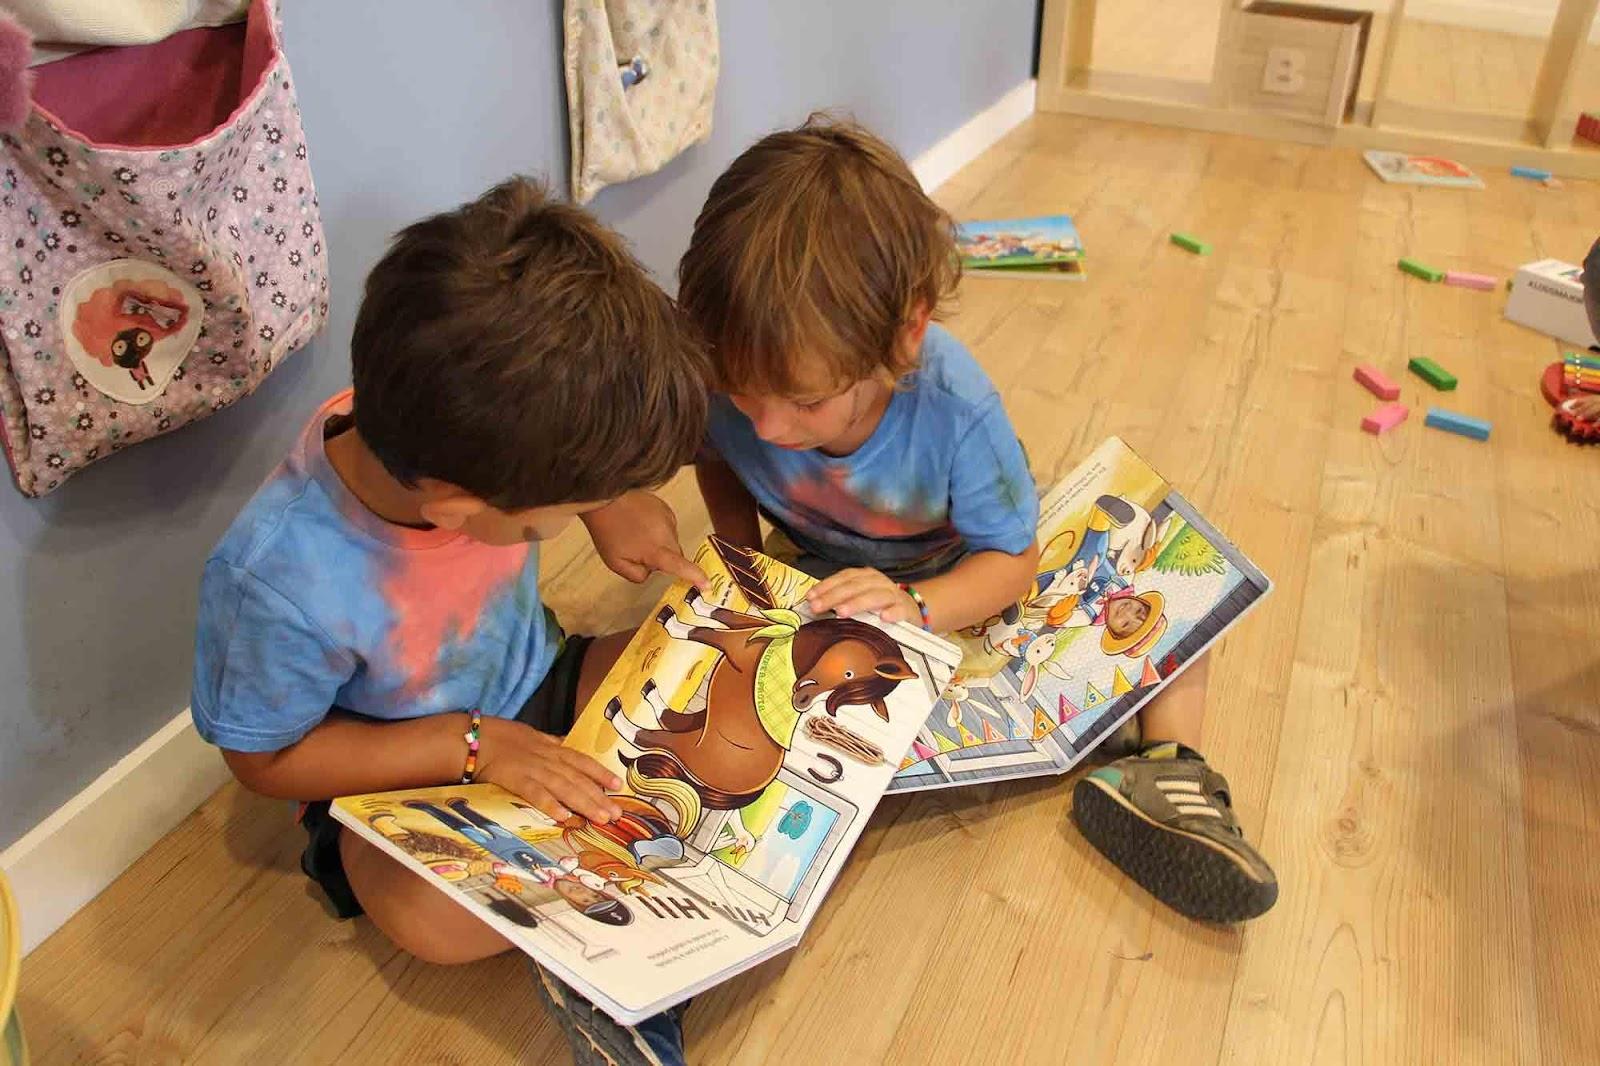 Los niños y la sobreexposición a las pantallas